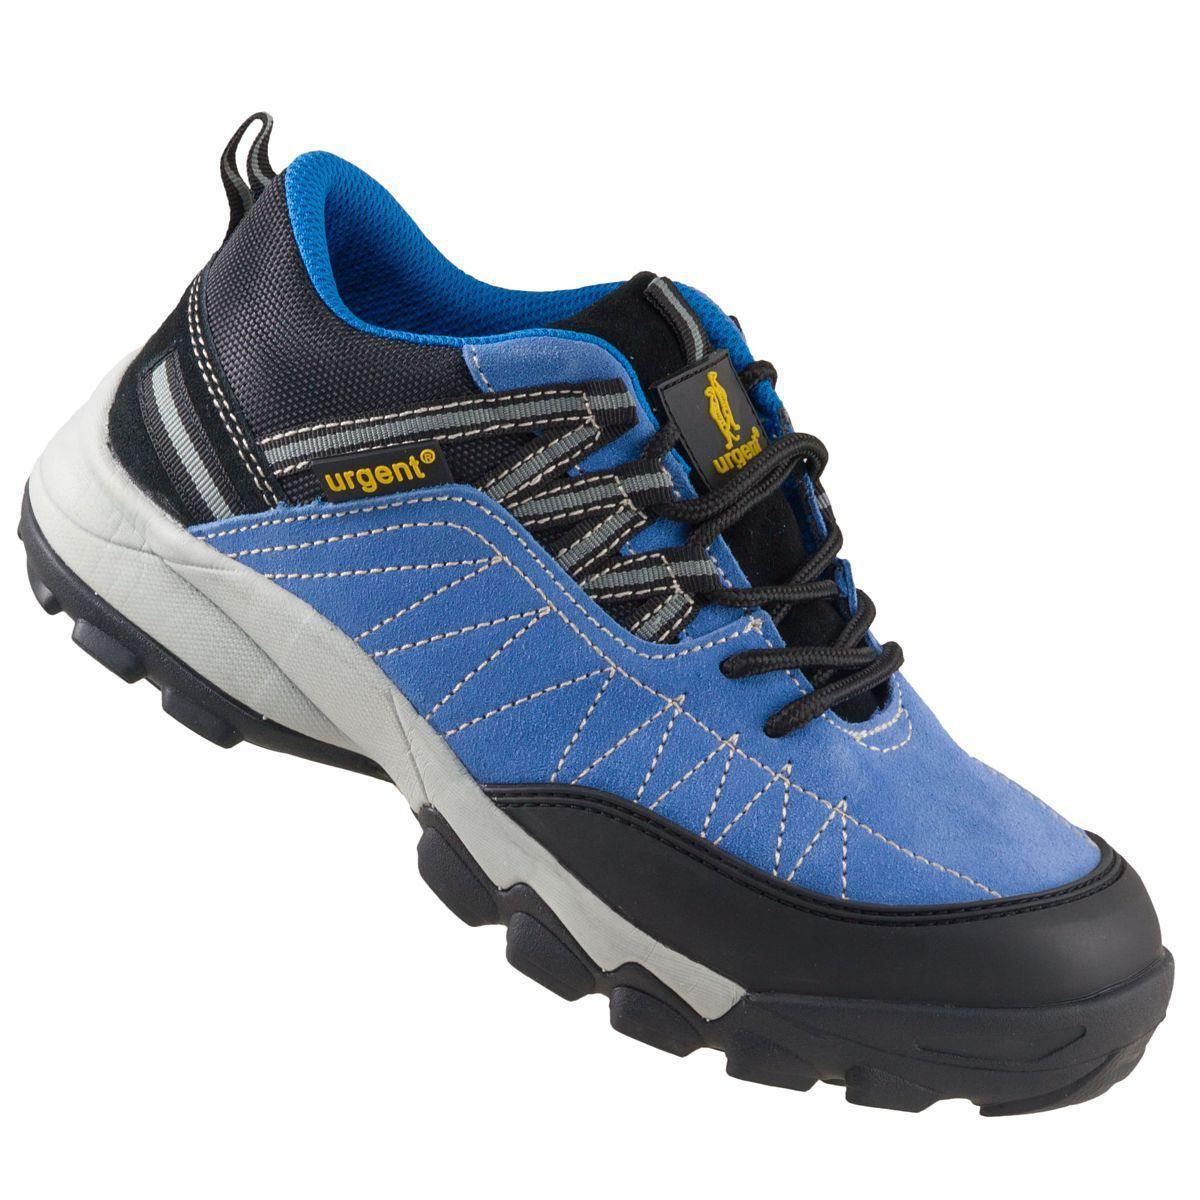 Кроссовки 233 S1 защитые с металлическим носком, черно-синего цвета.  URGENT (POLAND)  44